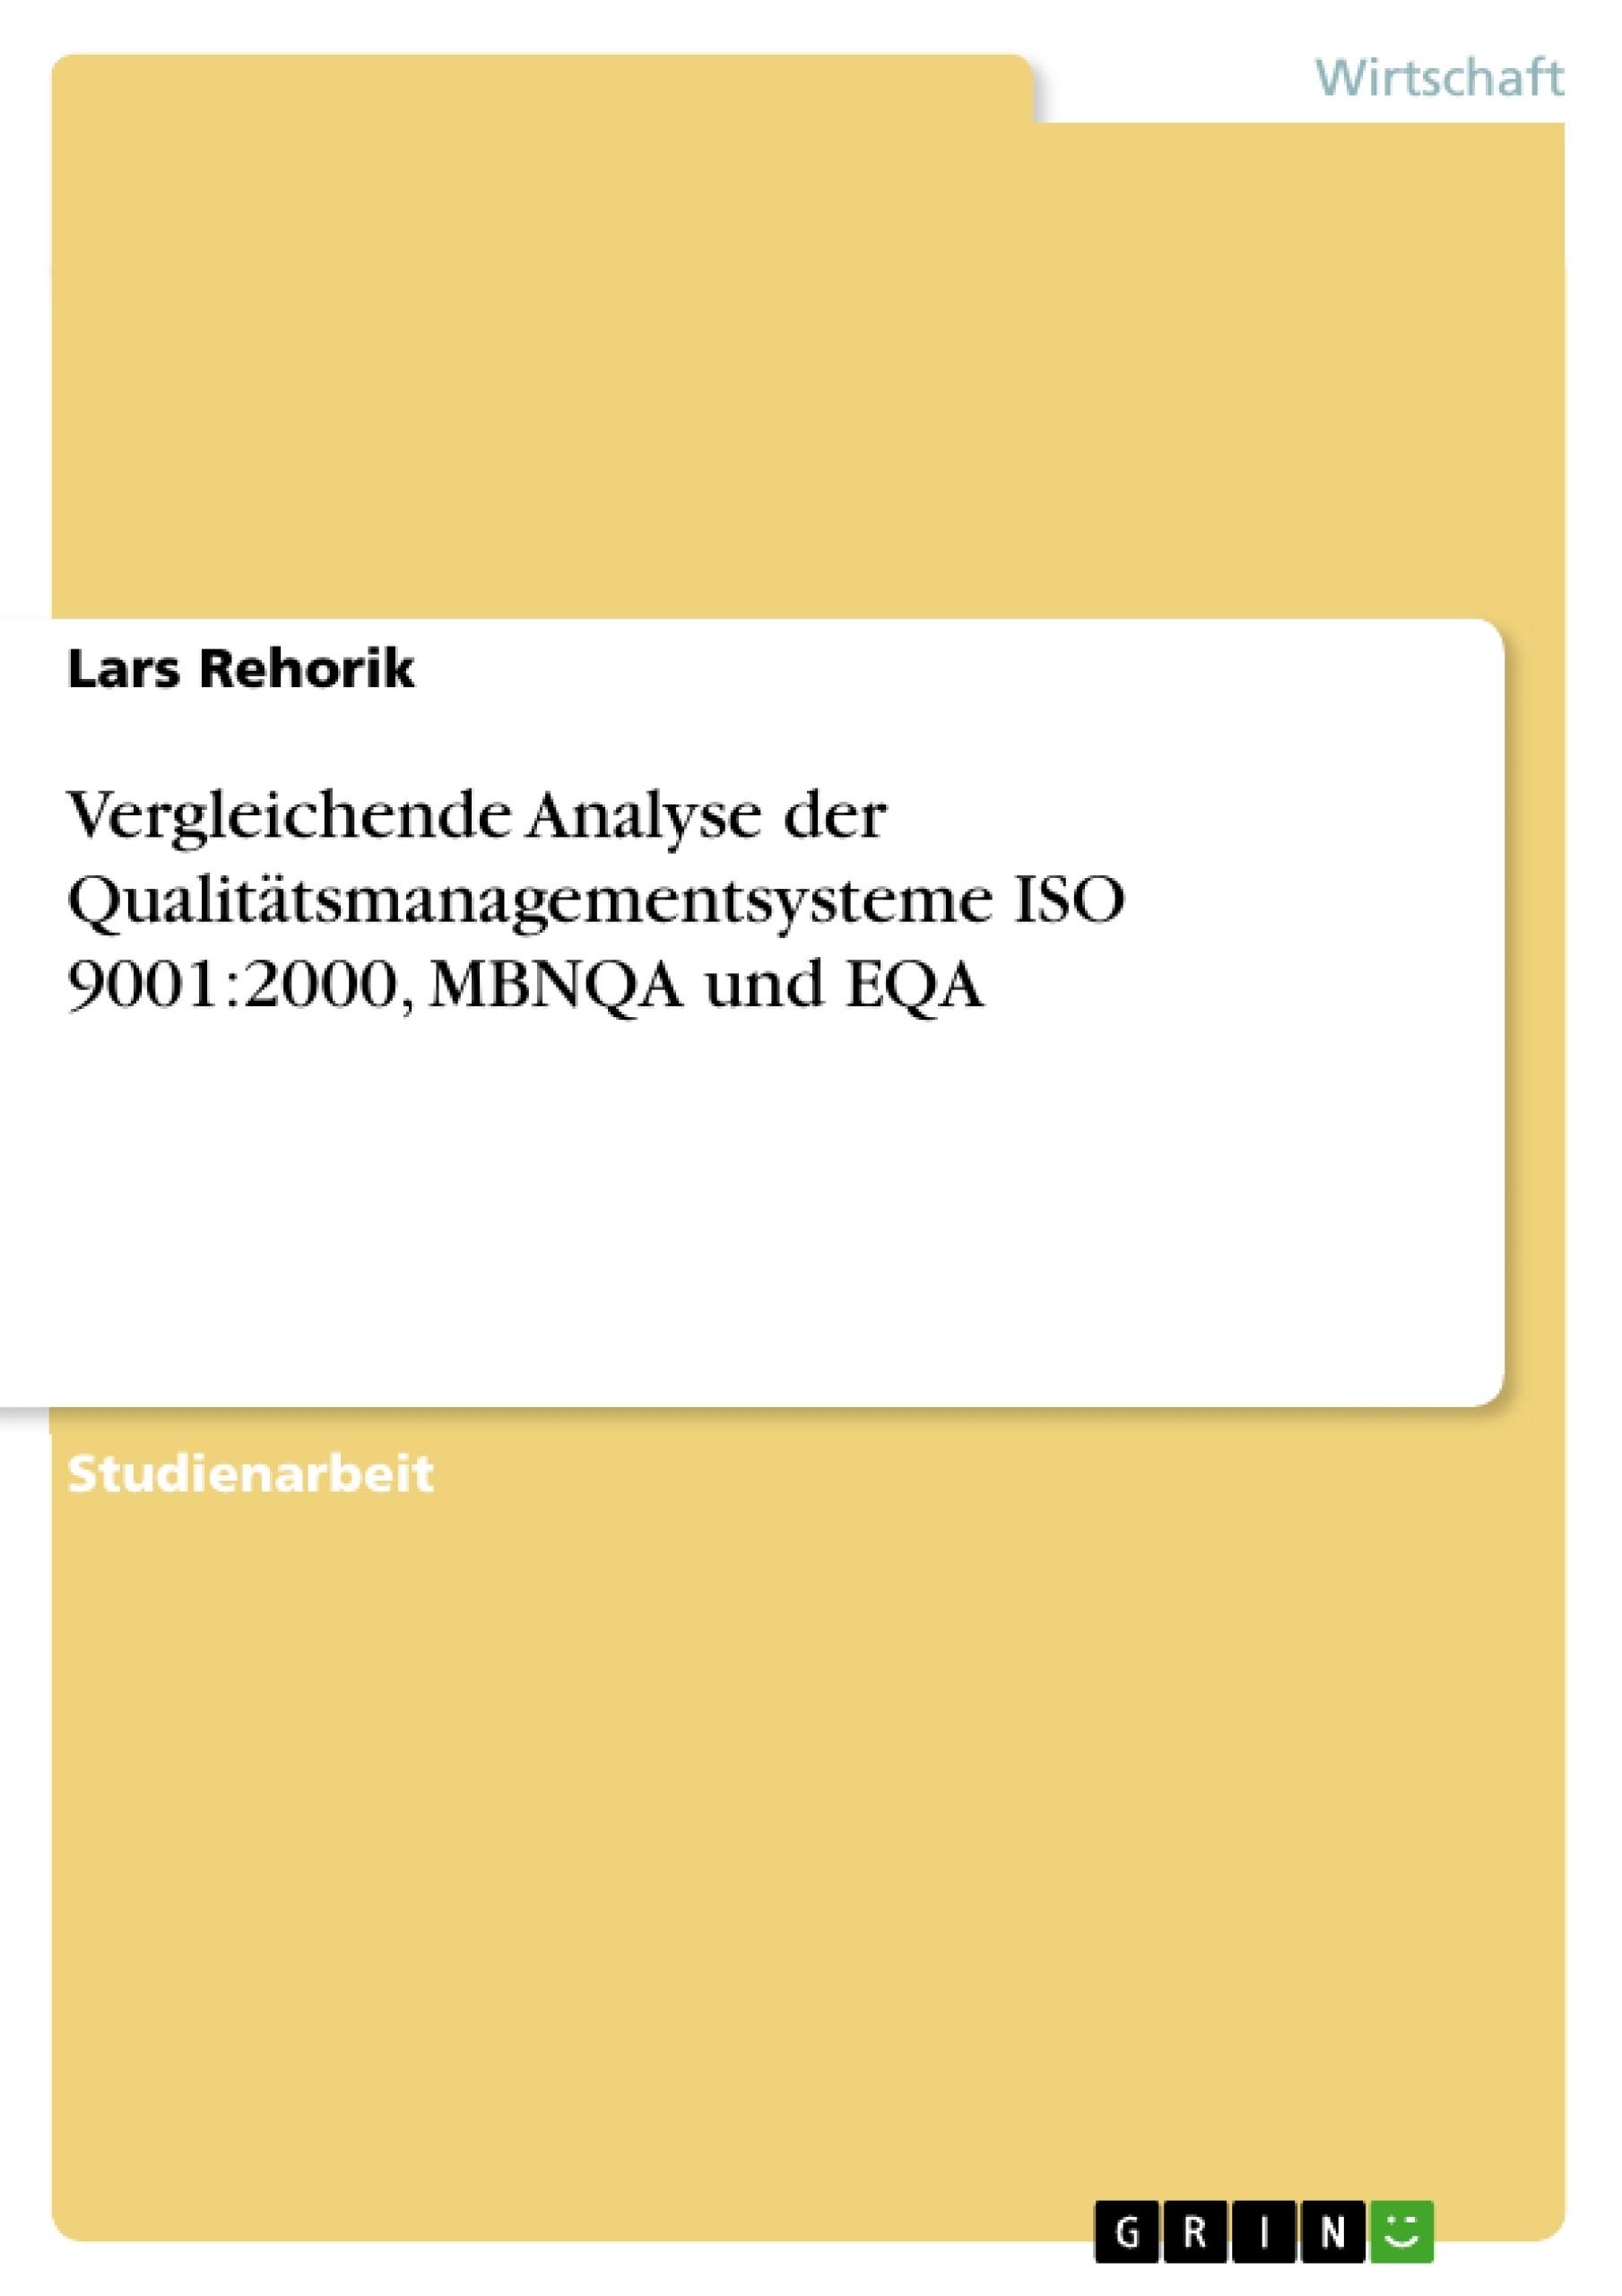 Titel: Vergleichende Analyse der Qualitätsmanagementsysteme ISO 9001:2000, MBNQA und EQA